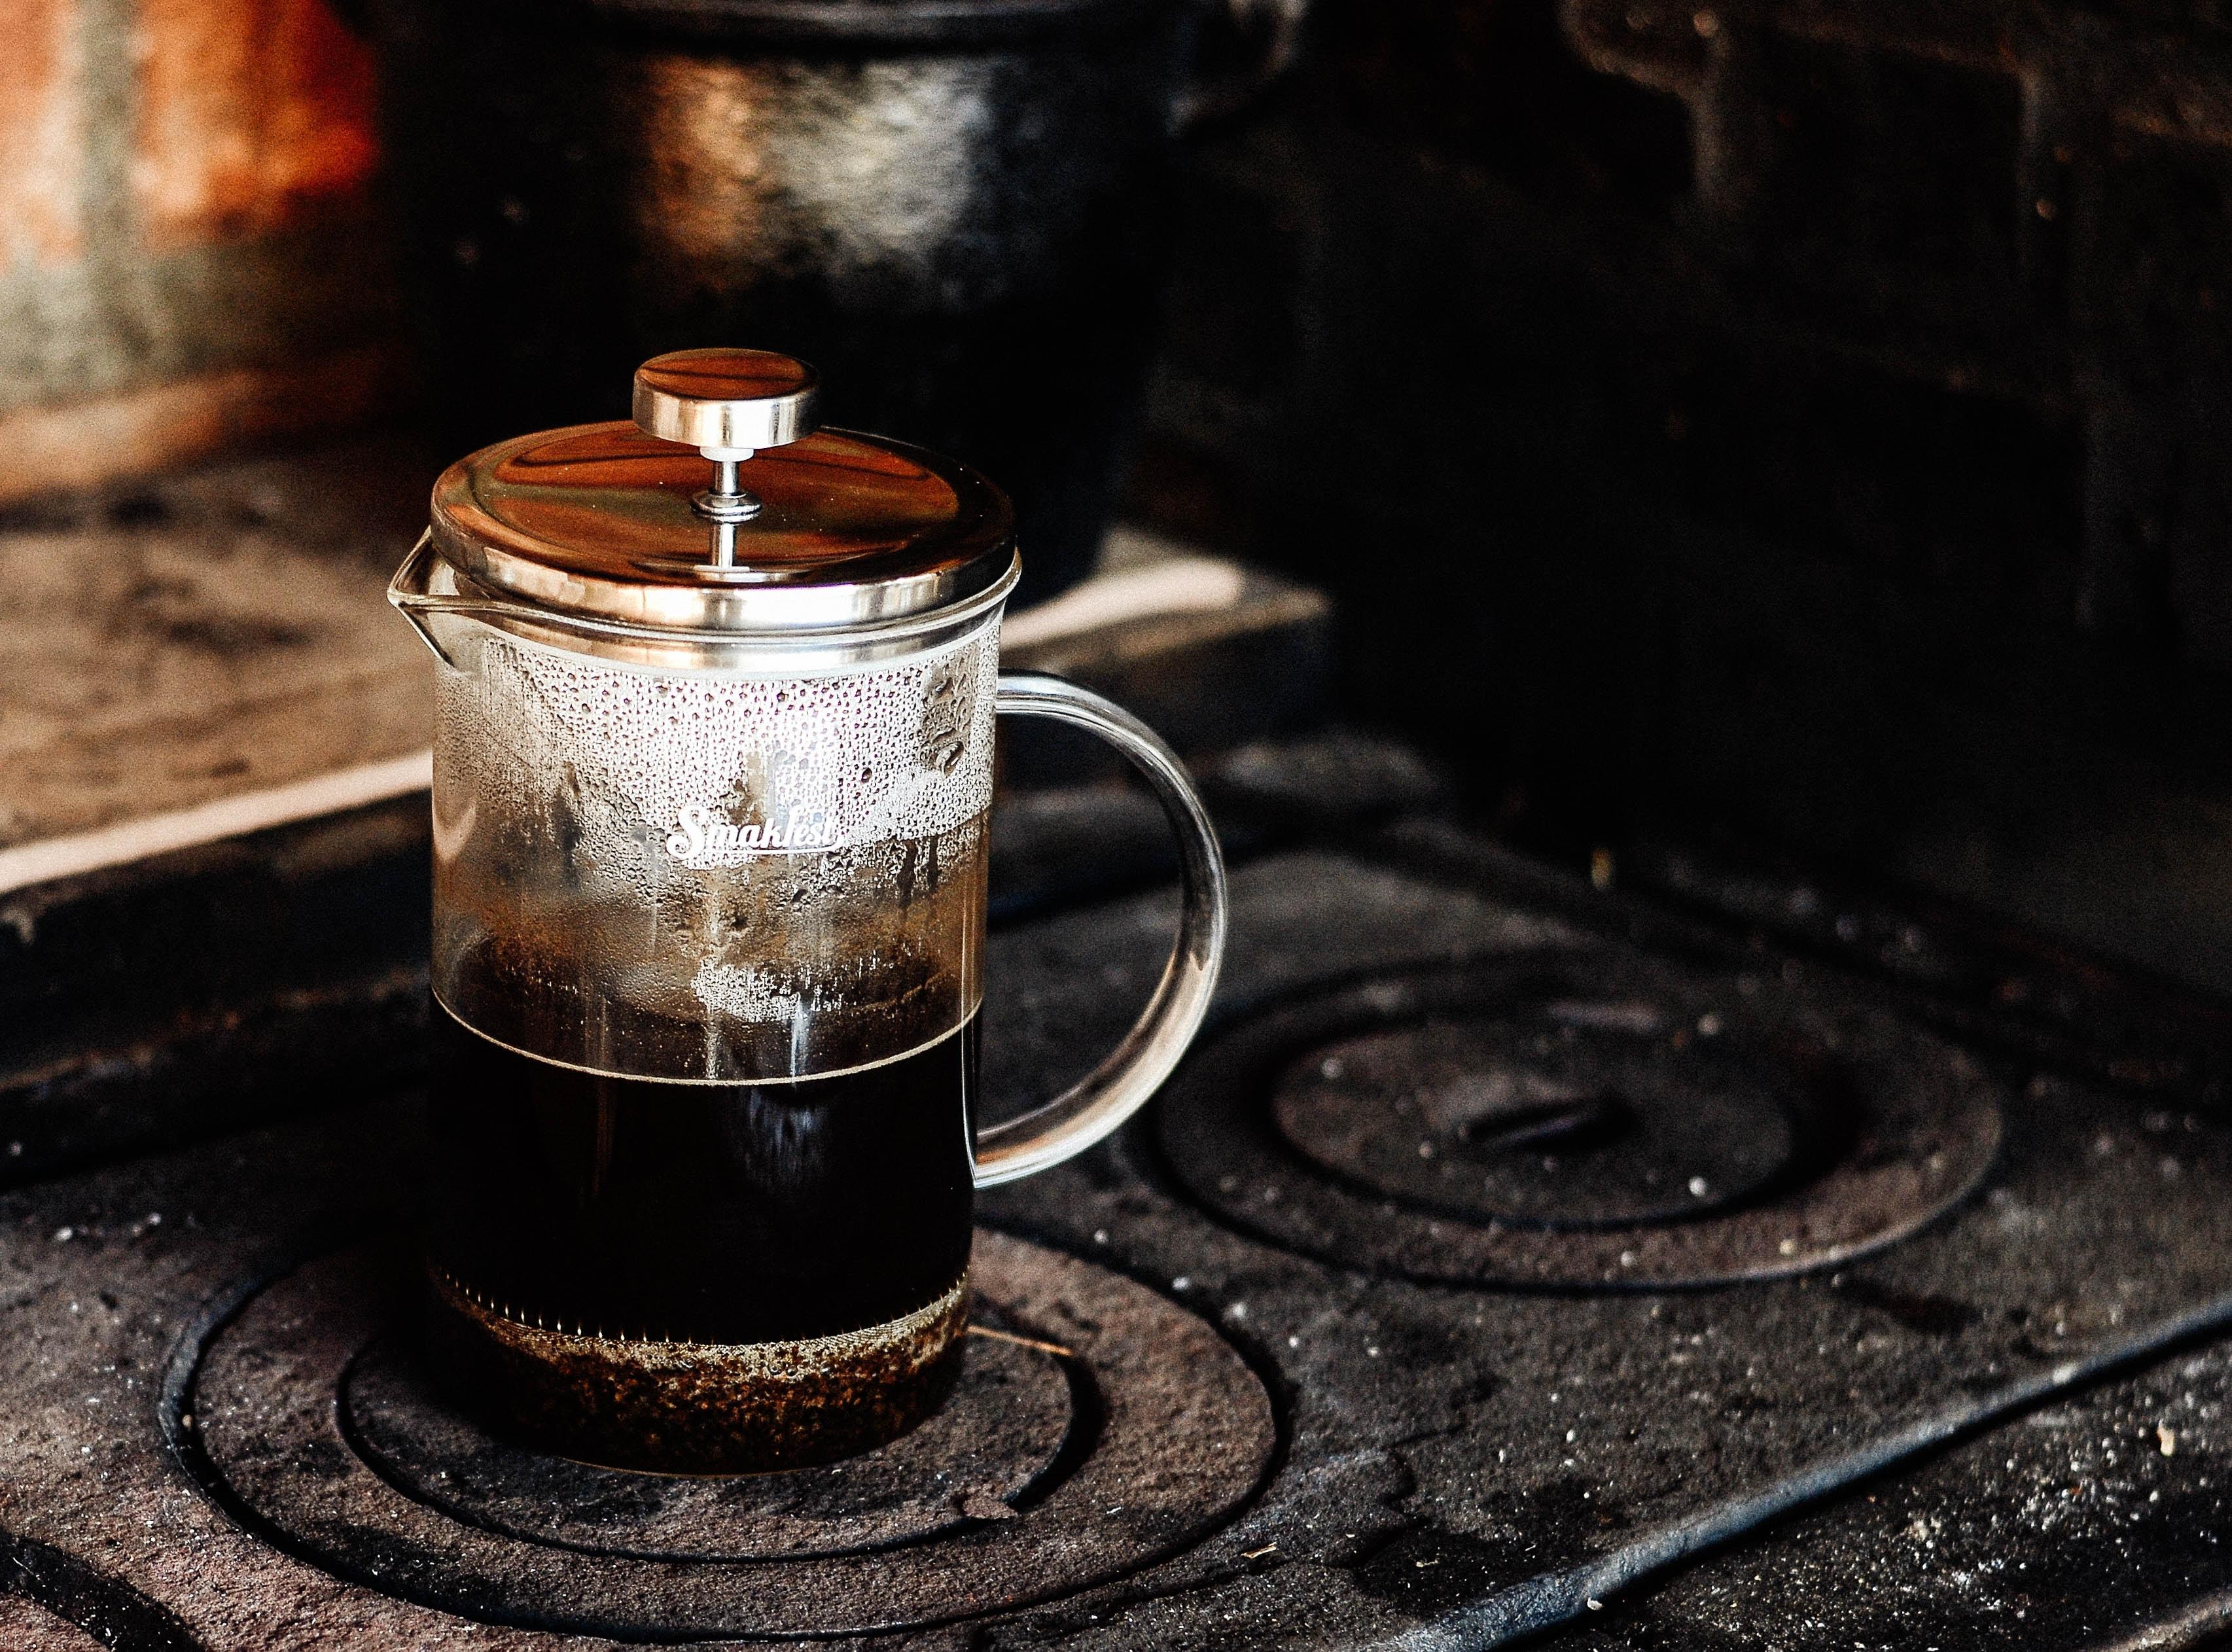 Zero Waste am Morgen: Kaffee trinken